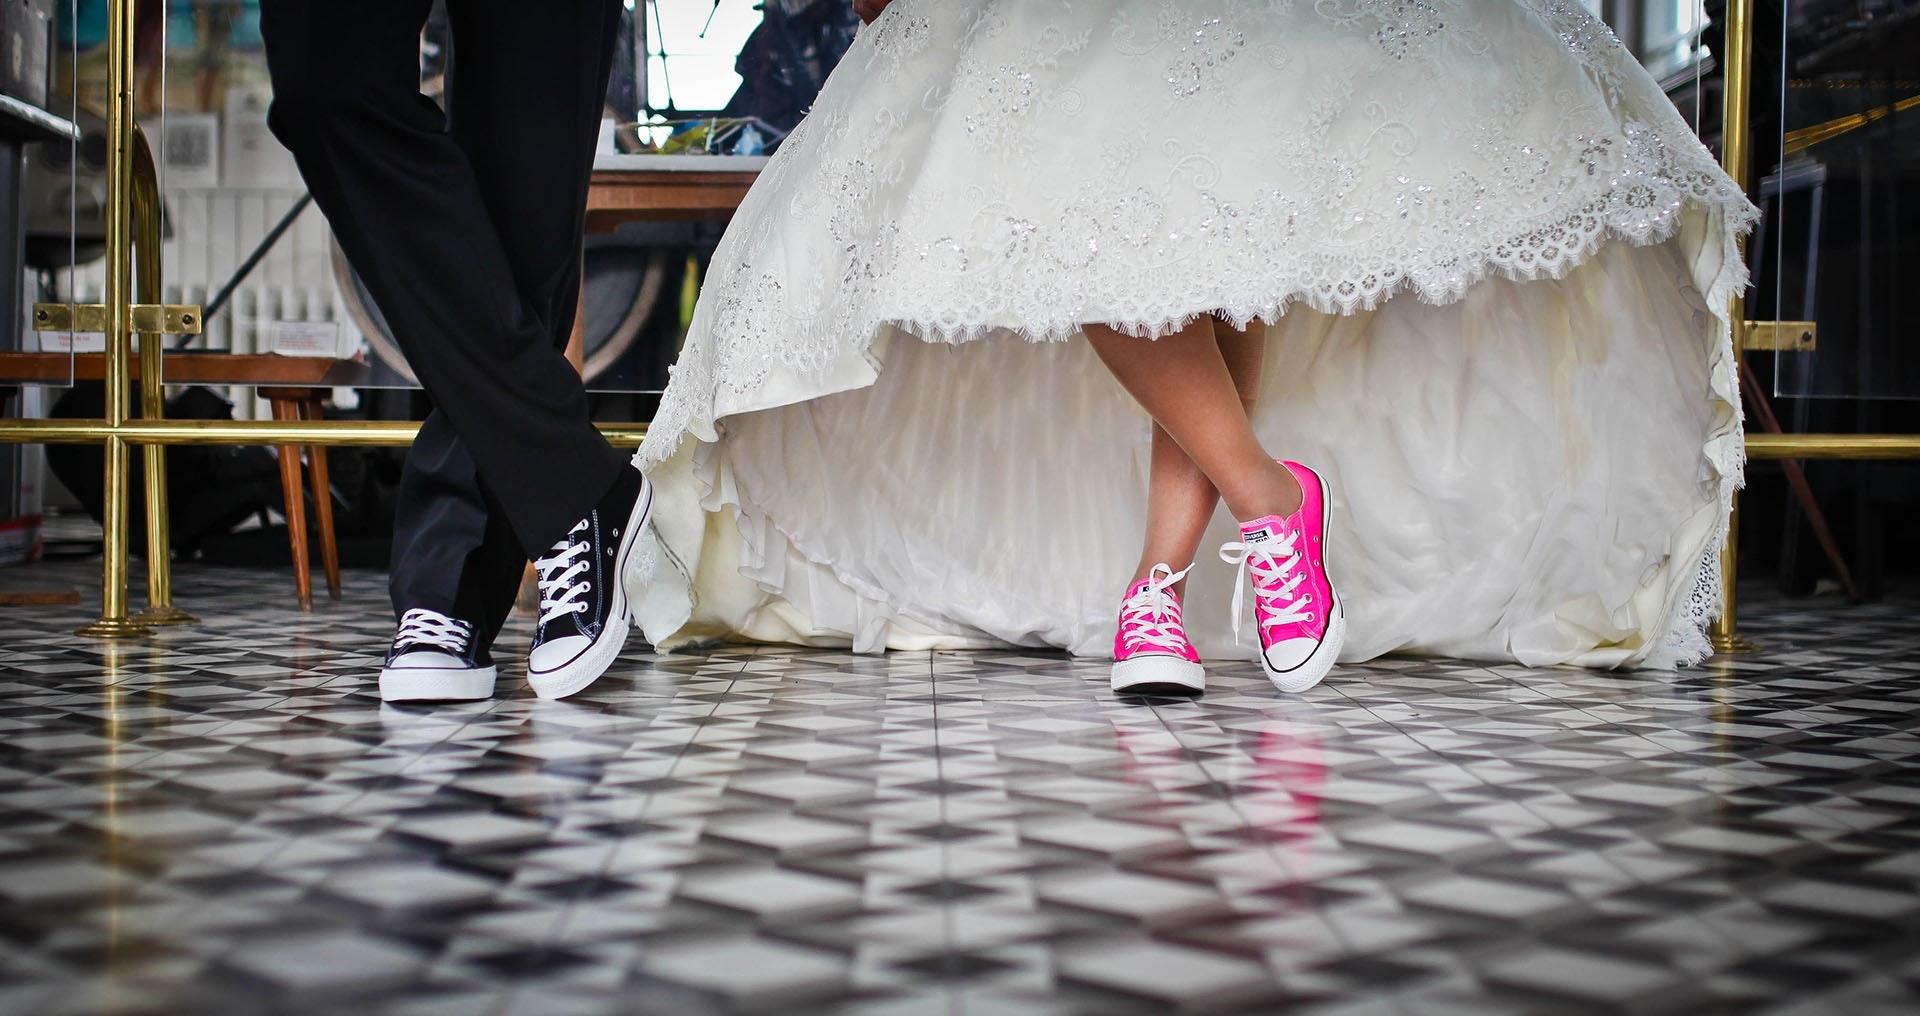 Muziek bij de huwelijksceremonie